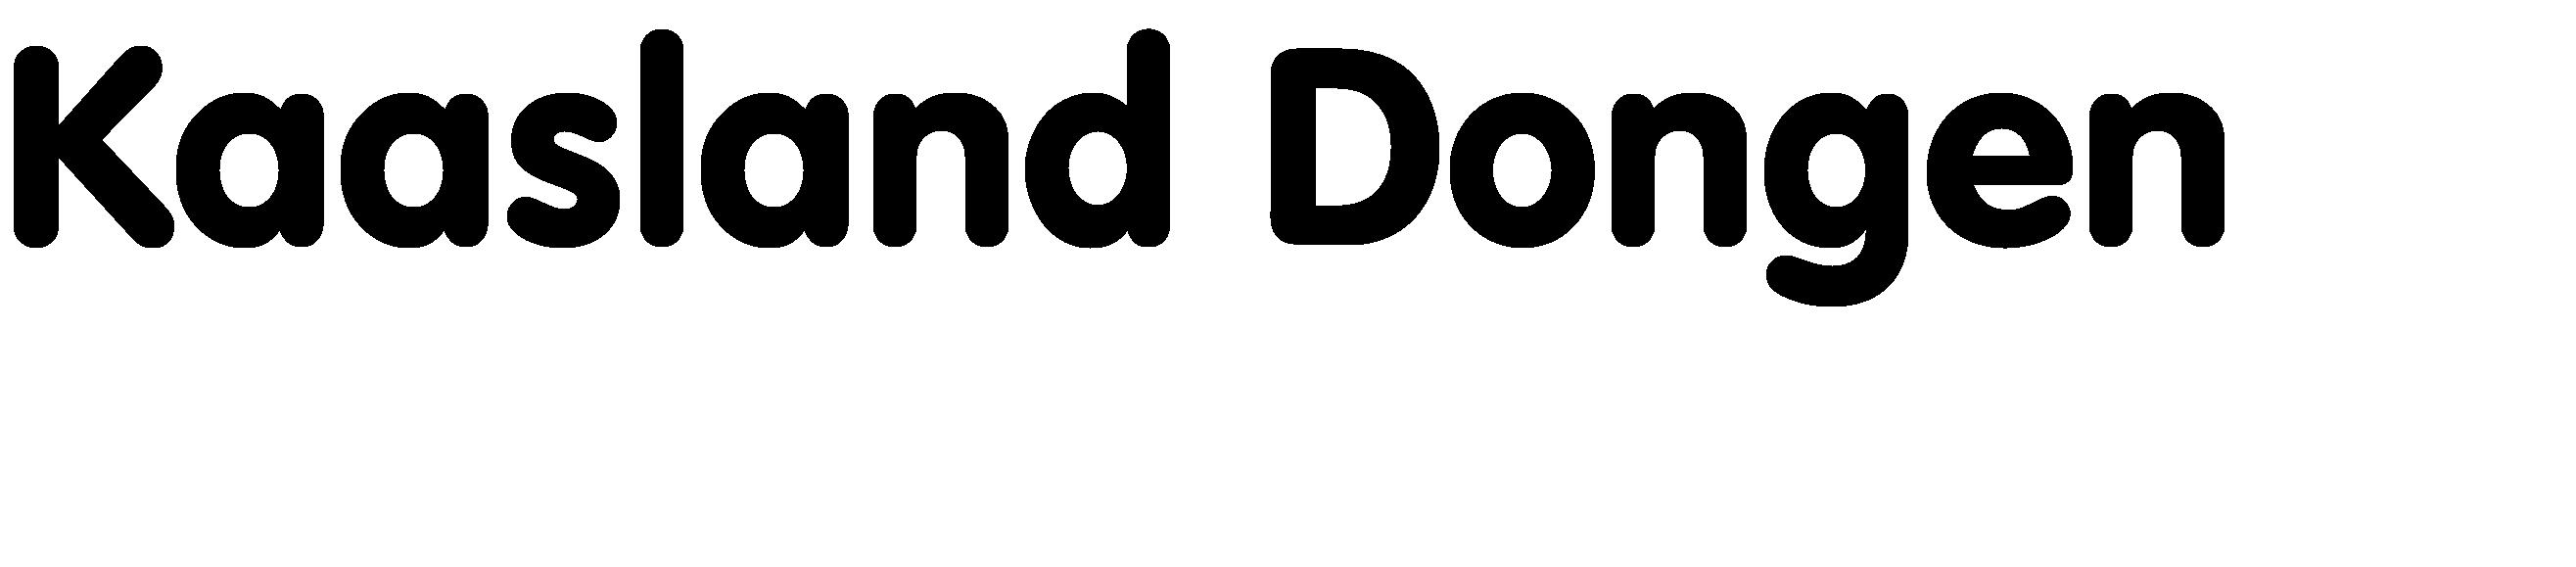 Kaasland Dongen